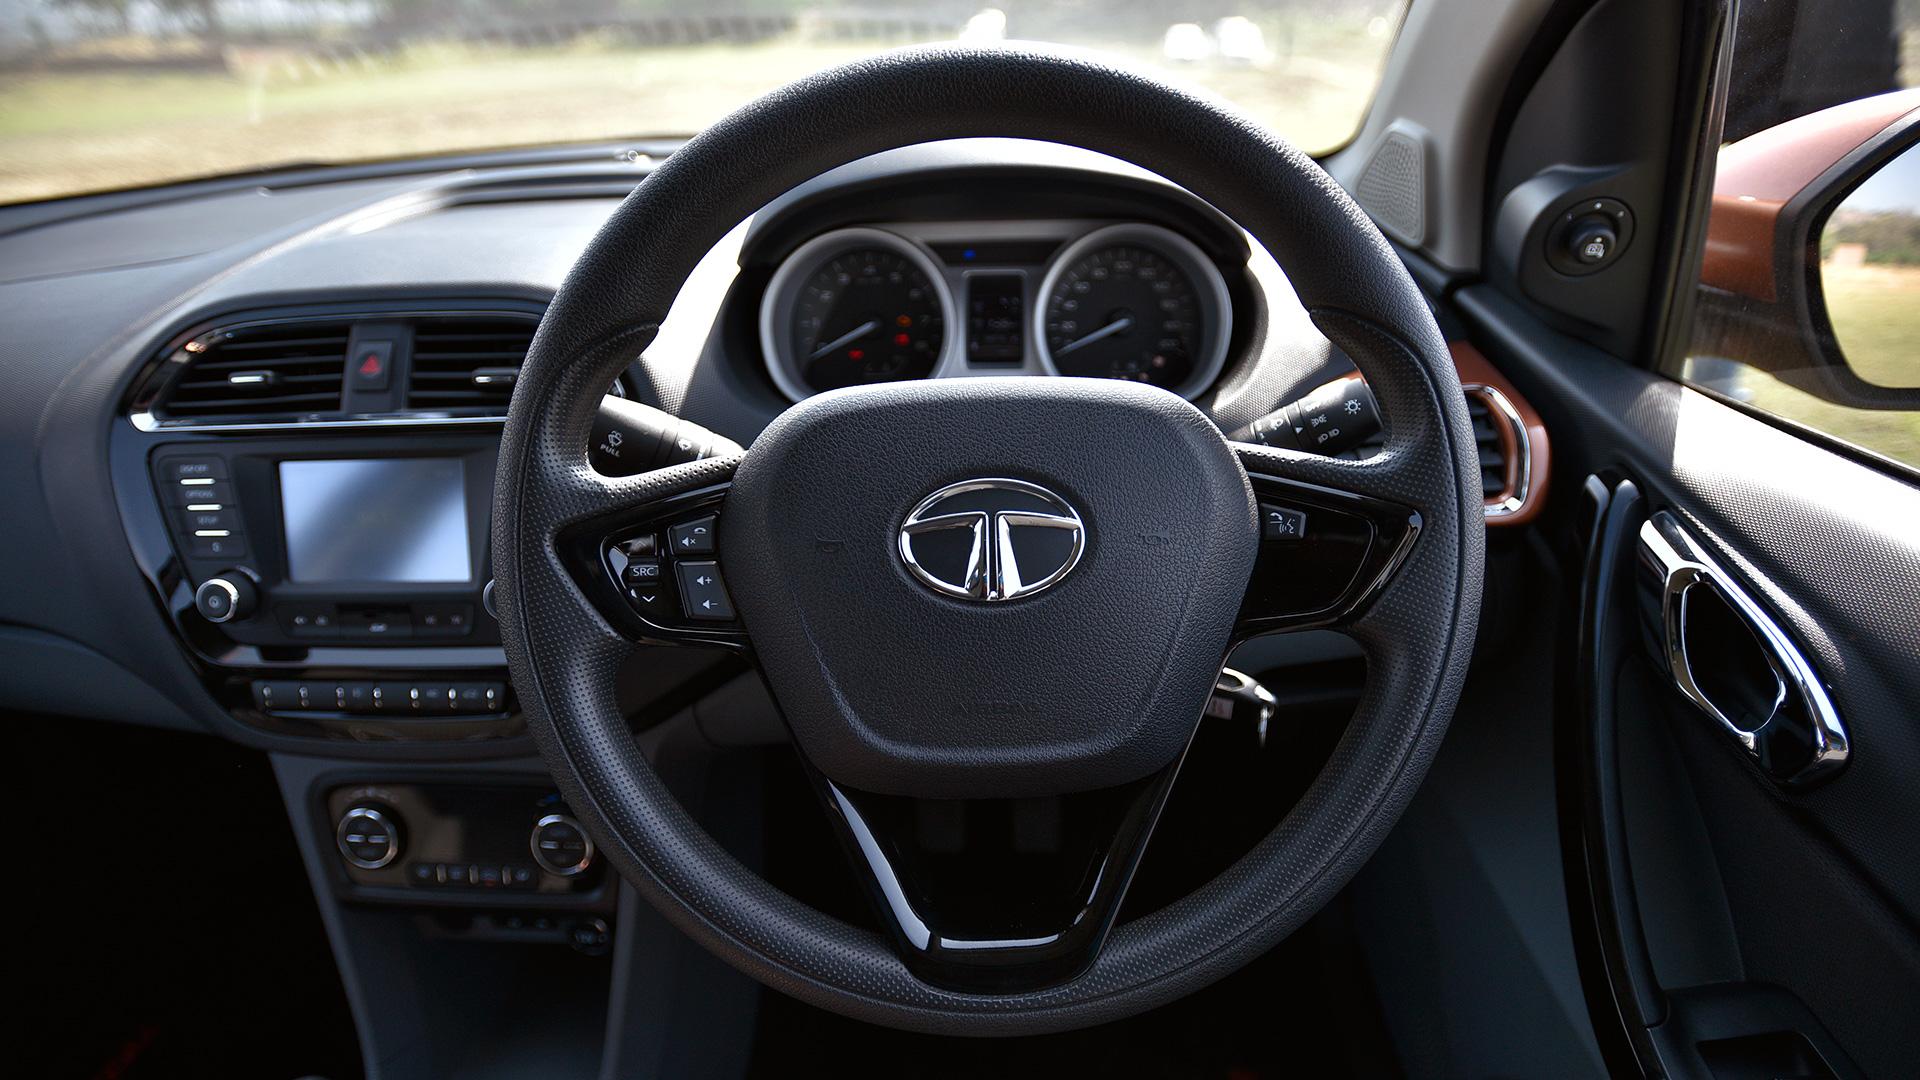 Tata Tigor 2017 Revotron XZ Exterior